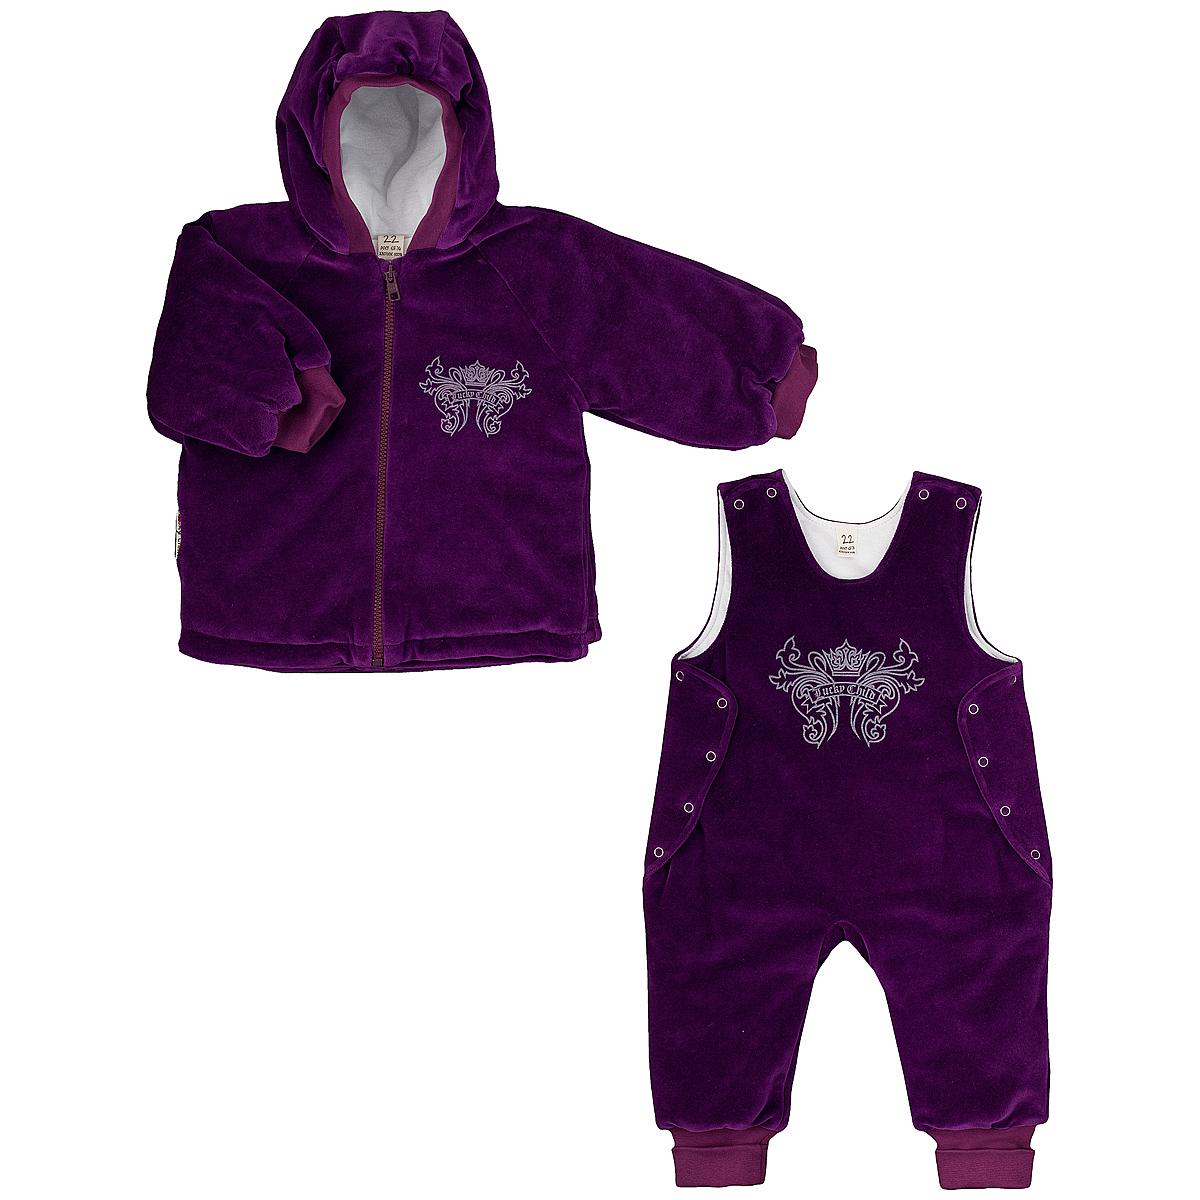 Комплект детский Lucky Child: куртка, полукомбинезон, цвет: сливовый. 5-5. Размер 80/865-5Утепленный детский комплект Lucky Child идеально подойдет для ребенка в прохладное время года. Комплект состоит из куртки и полукомбинезона, изготовленных из велюра с утеплителем из синтепона, а для максимального комфорта на подкладке используется натуральный хлопок, который не раздражает нежную кожу ребенка и хорошо сохраняет тепло. Комплект необычайно мягкий и приятный на ощупь, не сковывает движения малыша и позволяет коже дышать, обеспечивая ему наибольший комфорт. Куртка с капюшоном и длинными рукавами-реглан застегивается на пластиковую застежку-молнию. Рукава дополнены широкими трикотажными манжетами, не стягивающими запястья. На груди она оформлена оригинальным принтом в виде логотипа бренда. Полукомбинезон застегивается сверху на кнопки, а по бокам дополнен специальными клапанами на кнопках, которые позволяют без труда переодеть малыша. Снизу брючин предусмотрены широкие трикотажные манжеты. На груди он декорирован таким же рисунком, как на куртке. Комфортный, удобный и практичный этот комплект идеально подойдет для прогулок и игр на свежем воздухе!